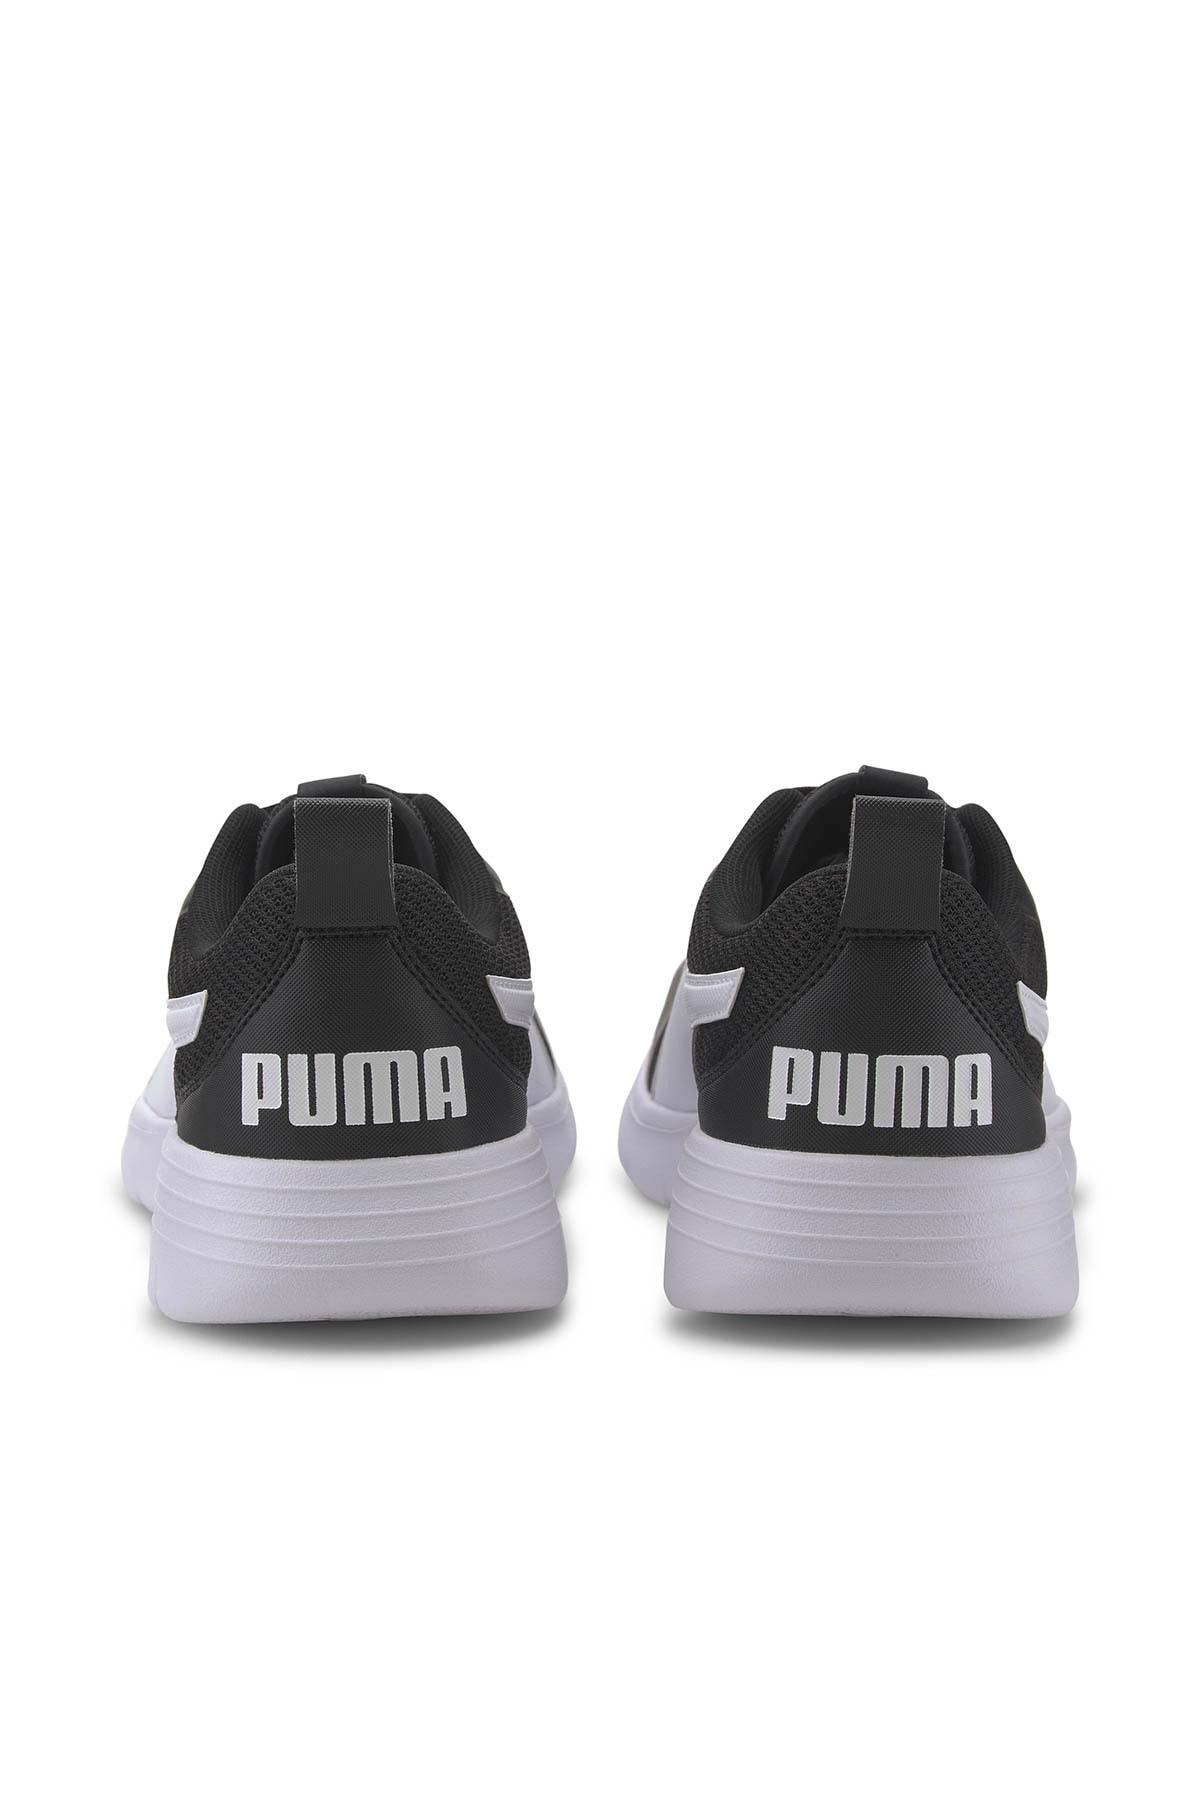 Puma Puma Flex Renew Erkek Spor Ayakkabı 2